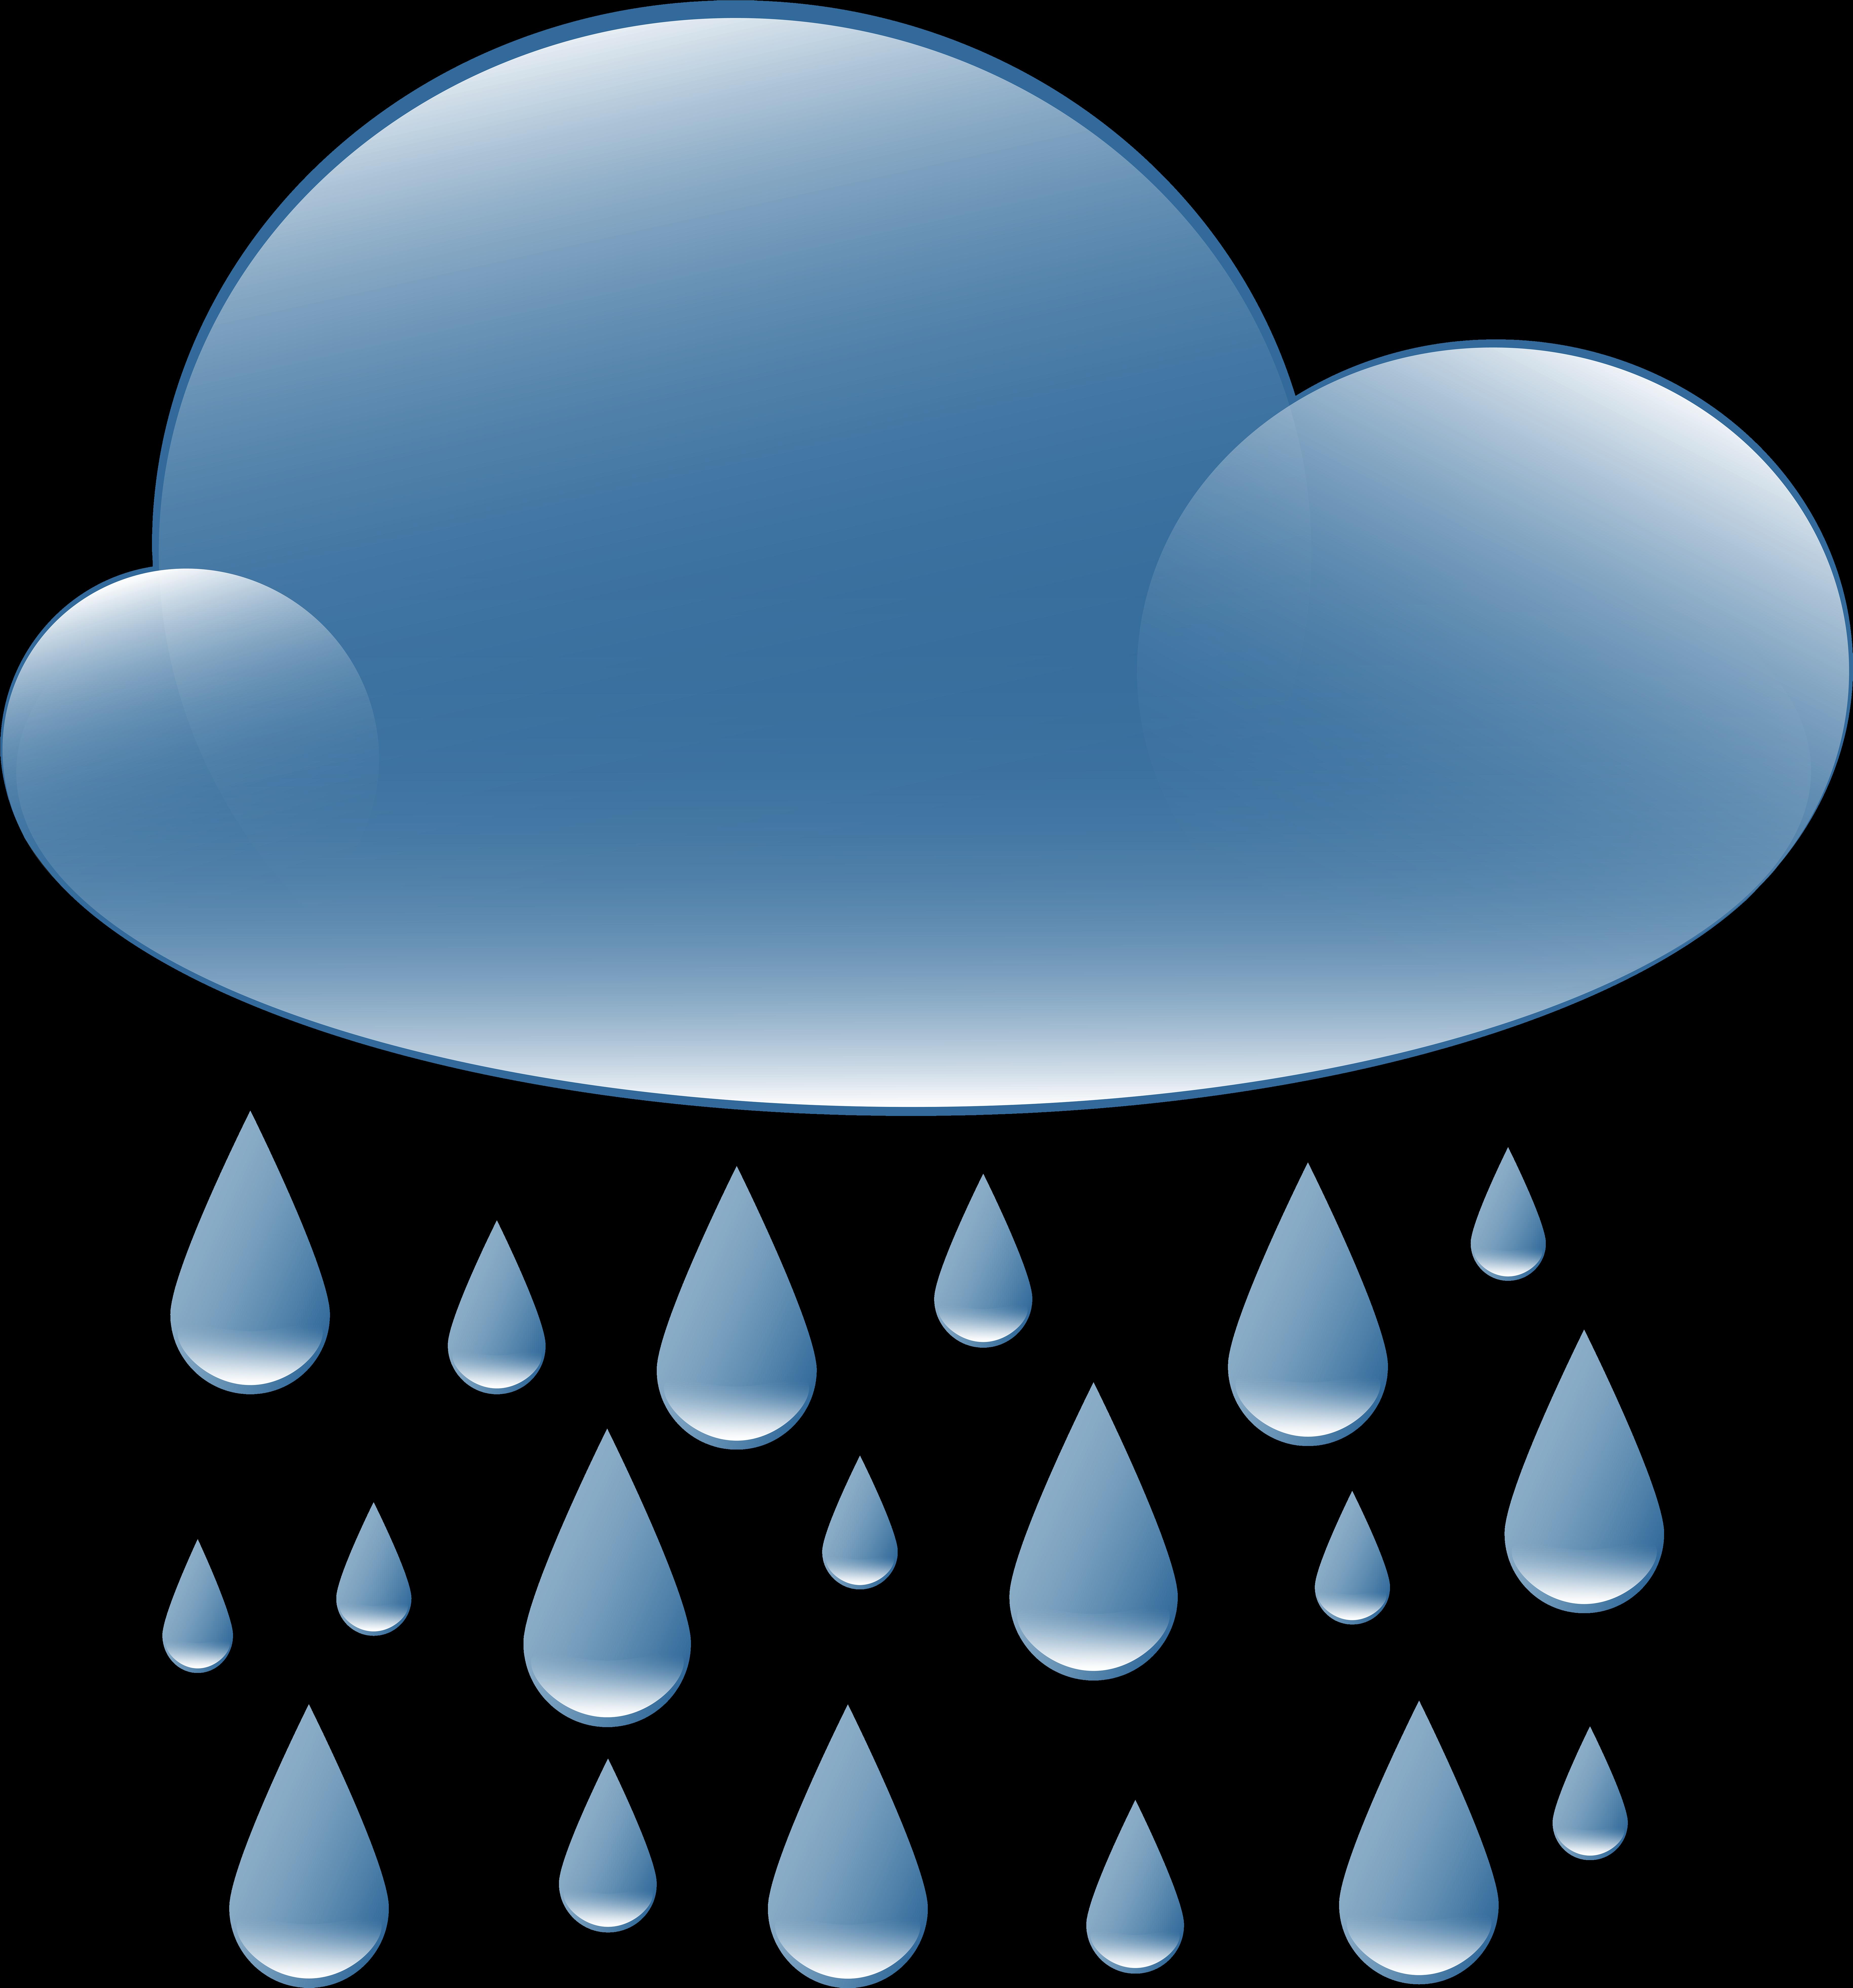 Transparent clouds clip art - Rain Cloud Weather Icon Png Clip Art